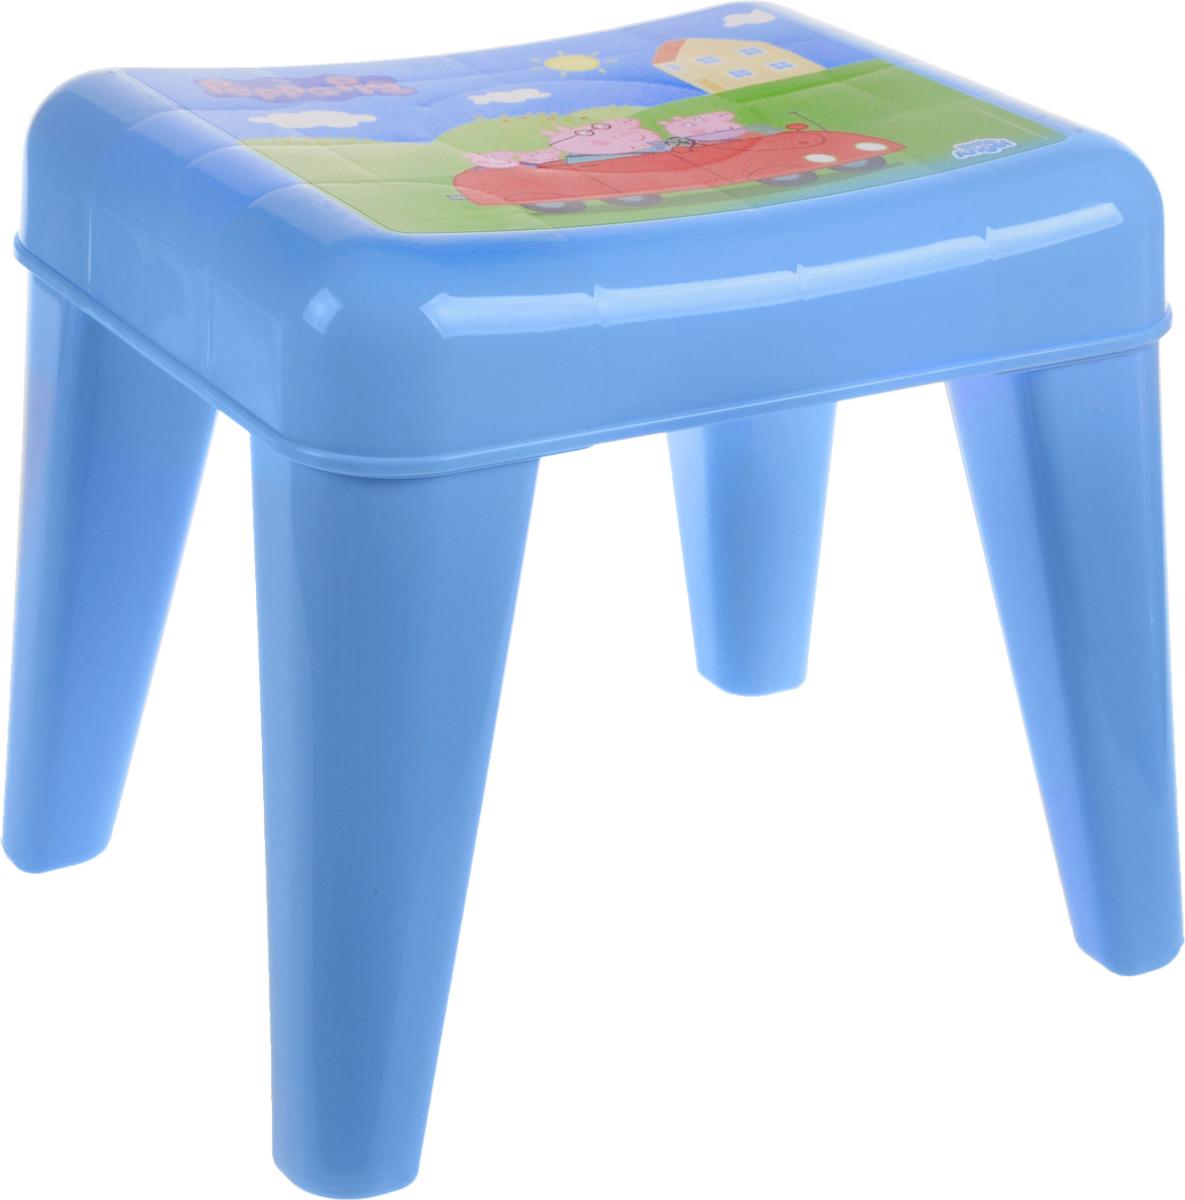 Табурет детский Little Angel Свинка Пеппа. Я расту, цвет: голубой, зеленый, розовый, 35 х 29,5 х 30 смLA4522РРГЛТабурет Little Angel Свинка Пеппа. Я расту разработан специально для детей. Изготовлен из безопасного нетоксичного полипропилена. Закругленные углы сиденья и ножек обеспечивают безопасность малыша. Поверхность сиденья нескользящая, благодаря чему игры и обучение будут более комфортными. На ножках имеются противоскользящие резиновые накладки. Рекомендован для детей от 2 до 6 лет.